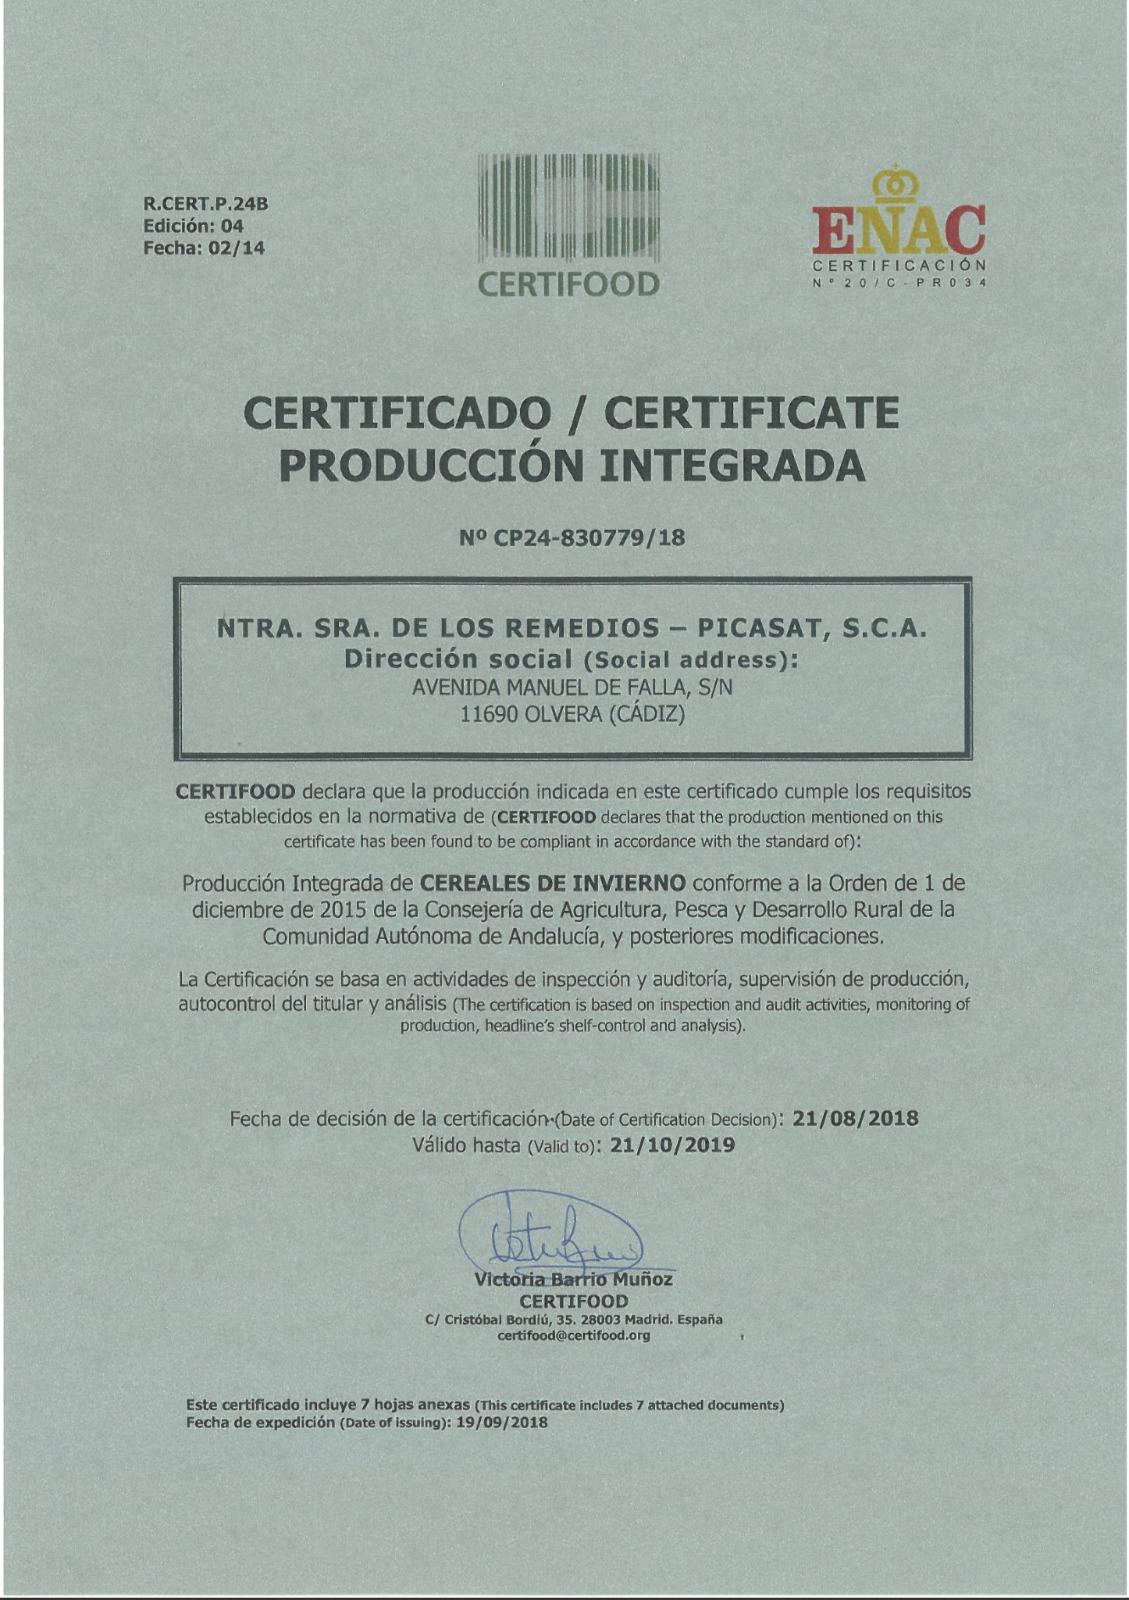 Obtención Certificación API Cereales de Invierno